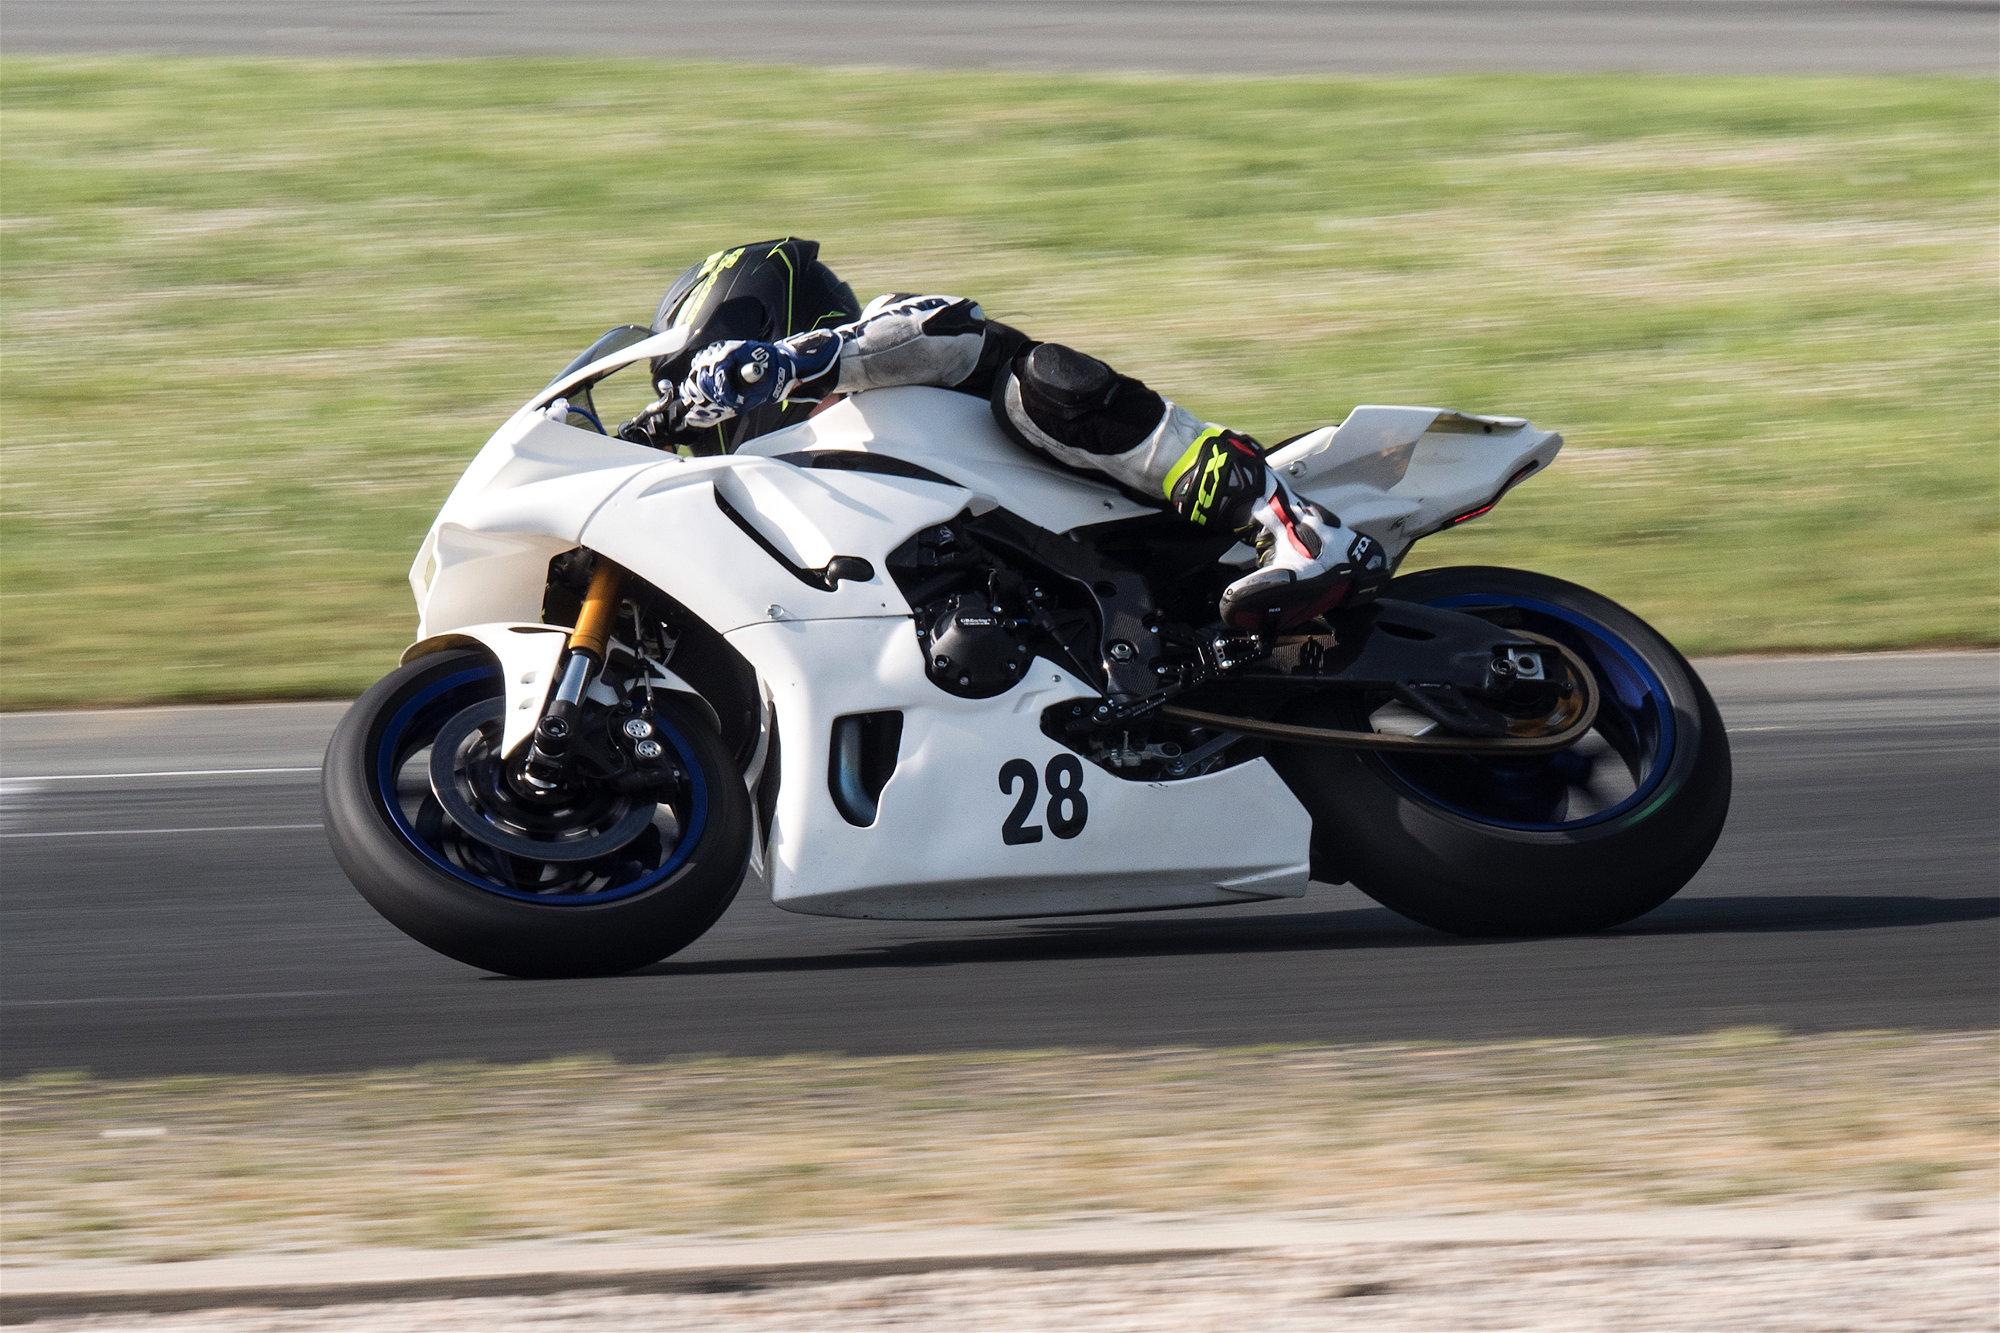 Pneus Pirelli Supercorsa V2 : plus vous les utiliserez, plus vos chronos descendront.